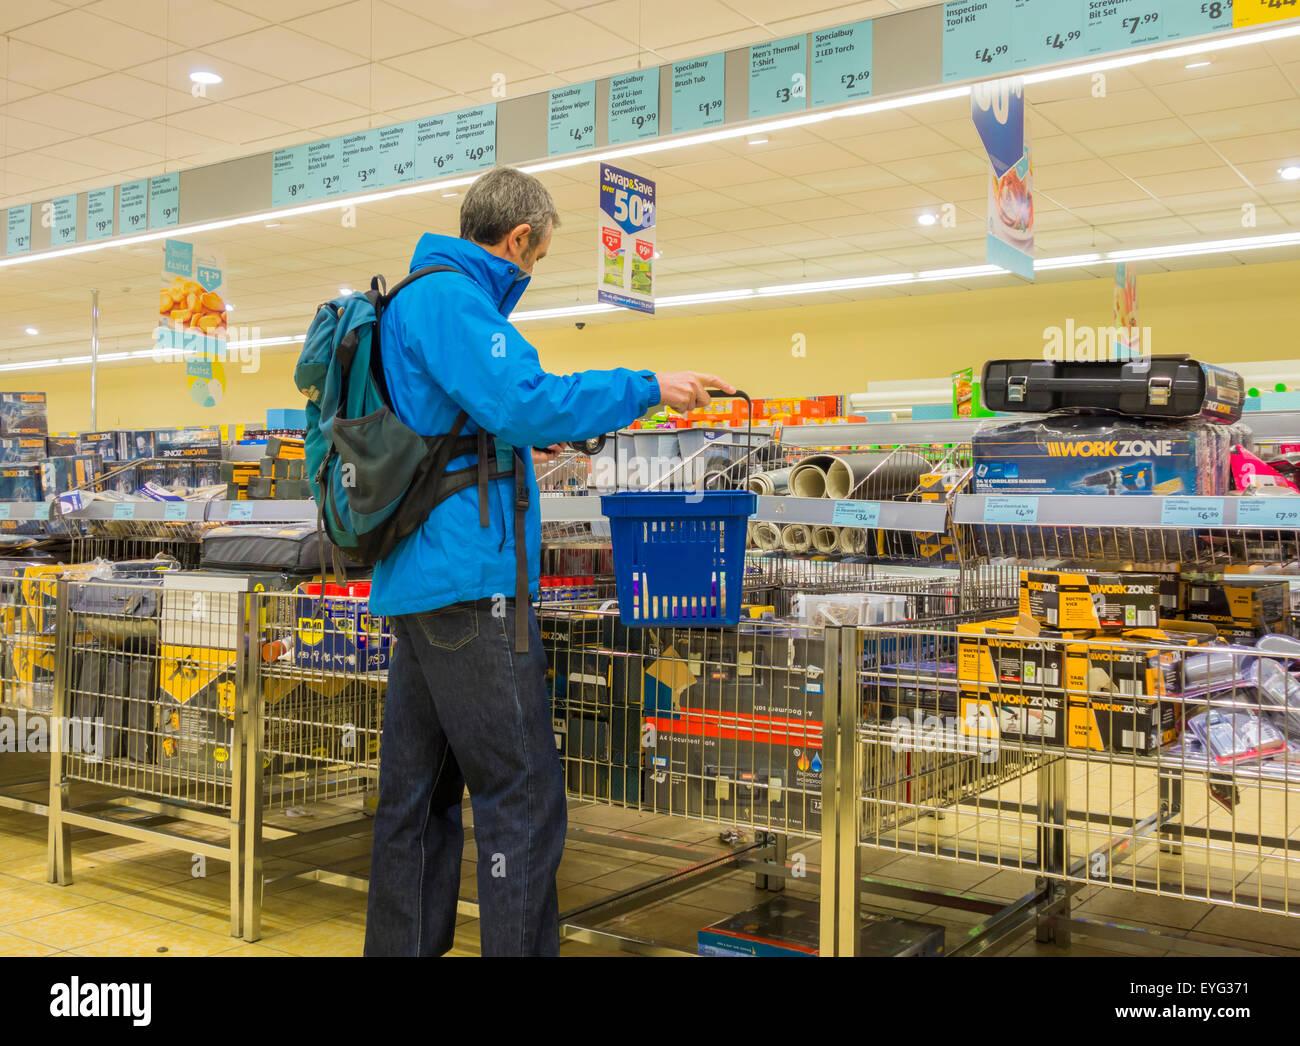 Hombre maduro compras en tienda de Aldi. UK Foto de stock